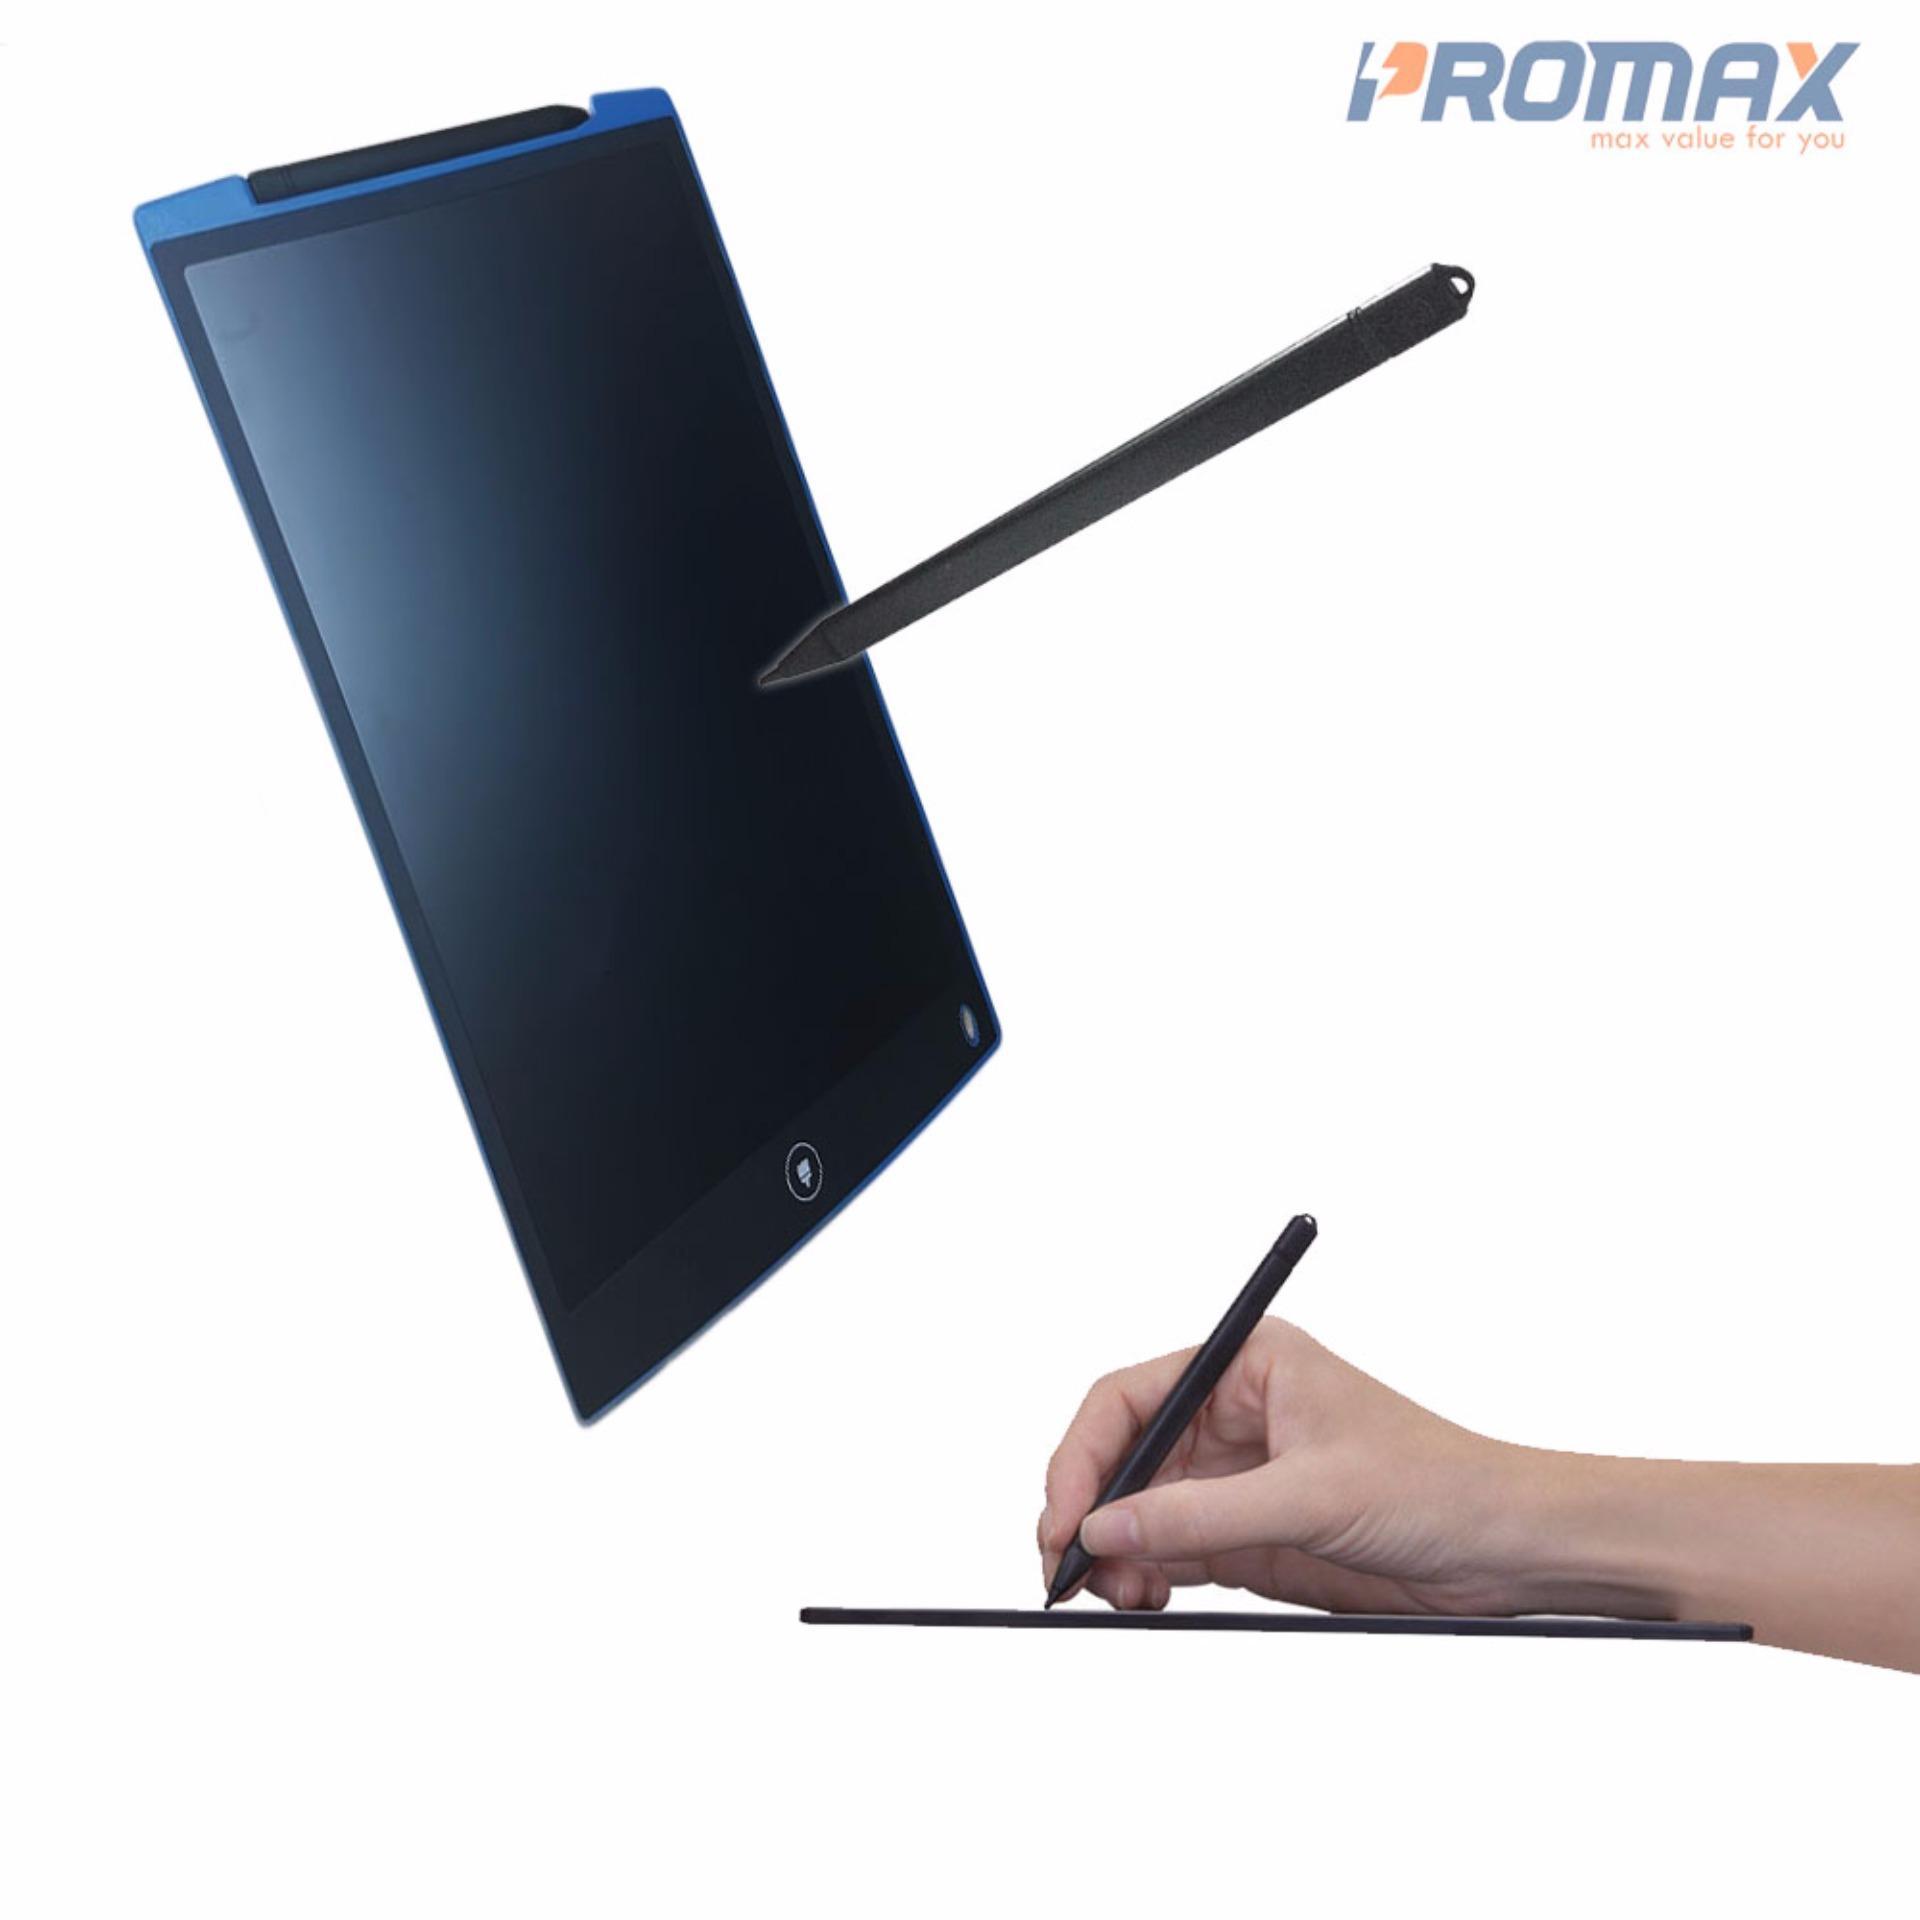 Đánh Giá Bảng Viết/ Vẽ điện tử thông minh Promax 8.5 inches